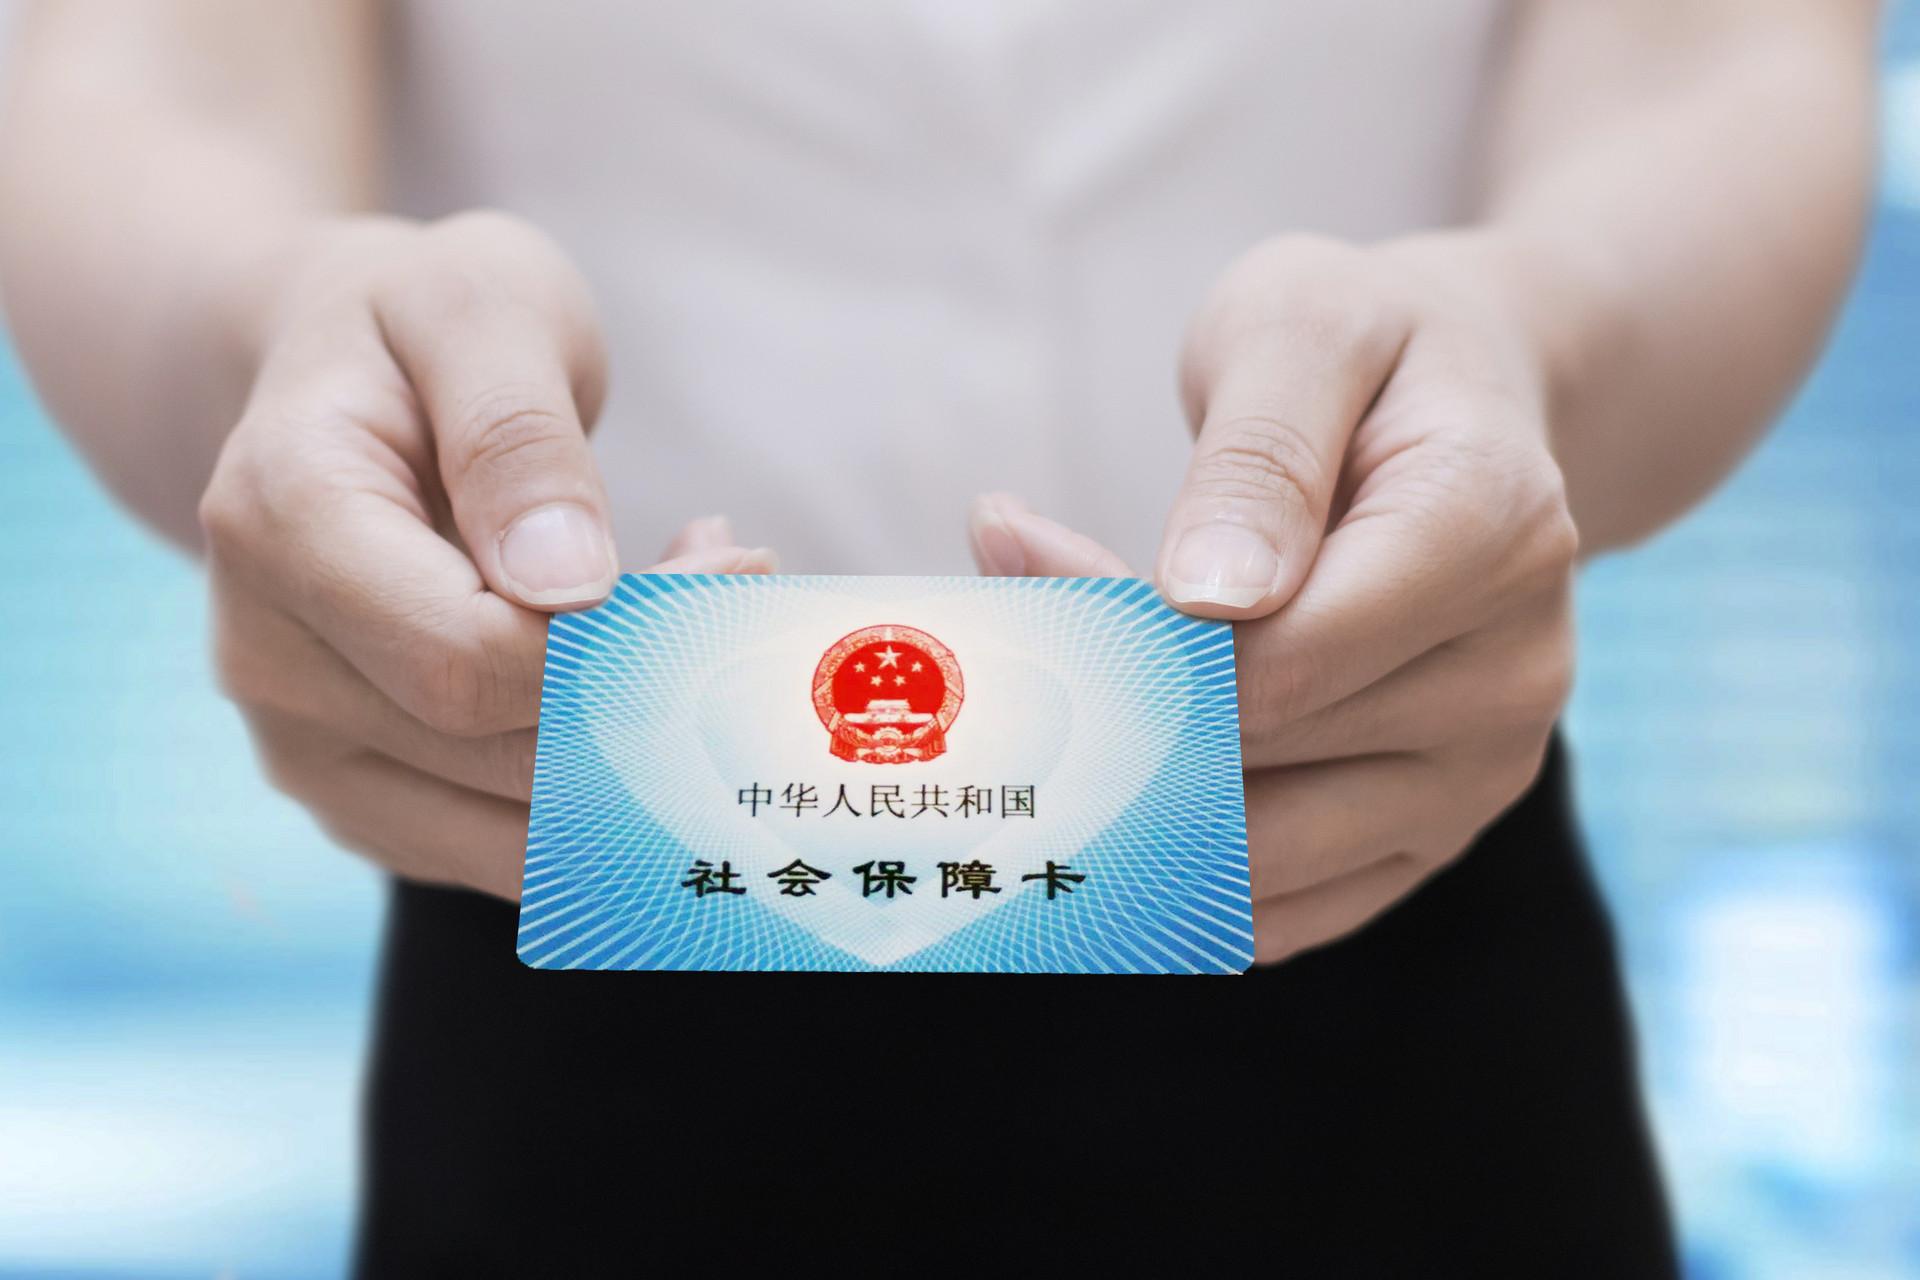 深圳家庭主妇有户口 对交社保会有帮助吗